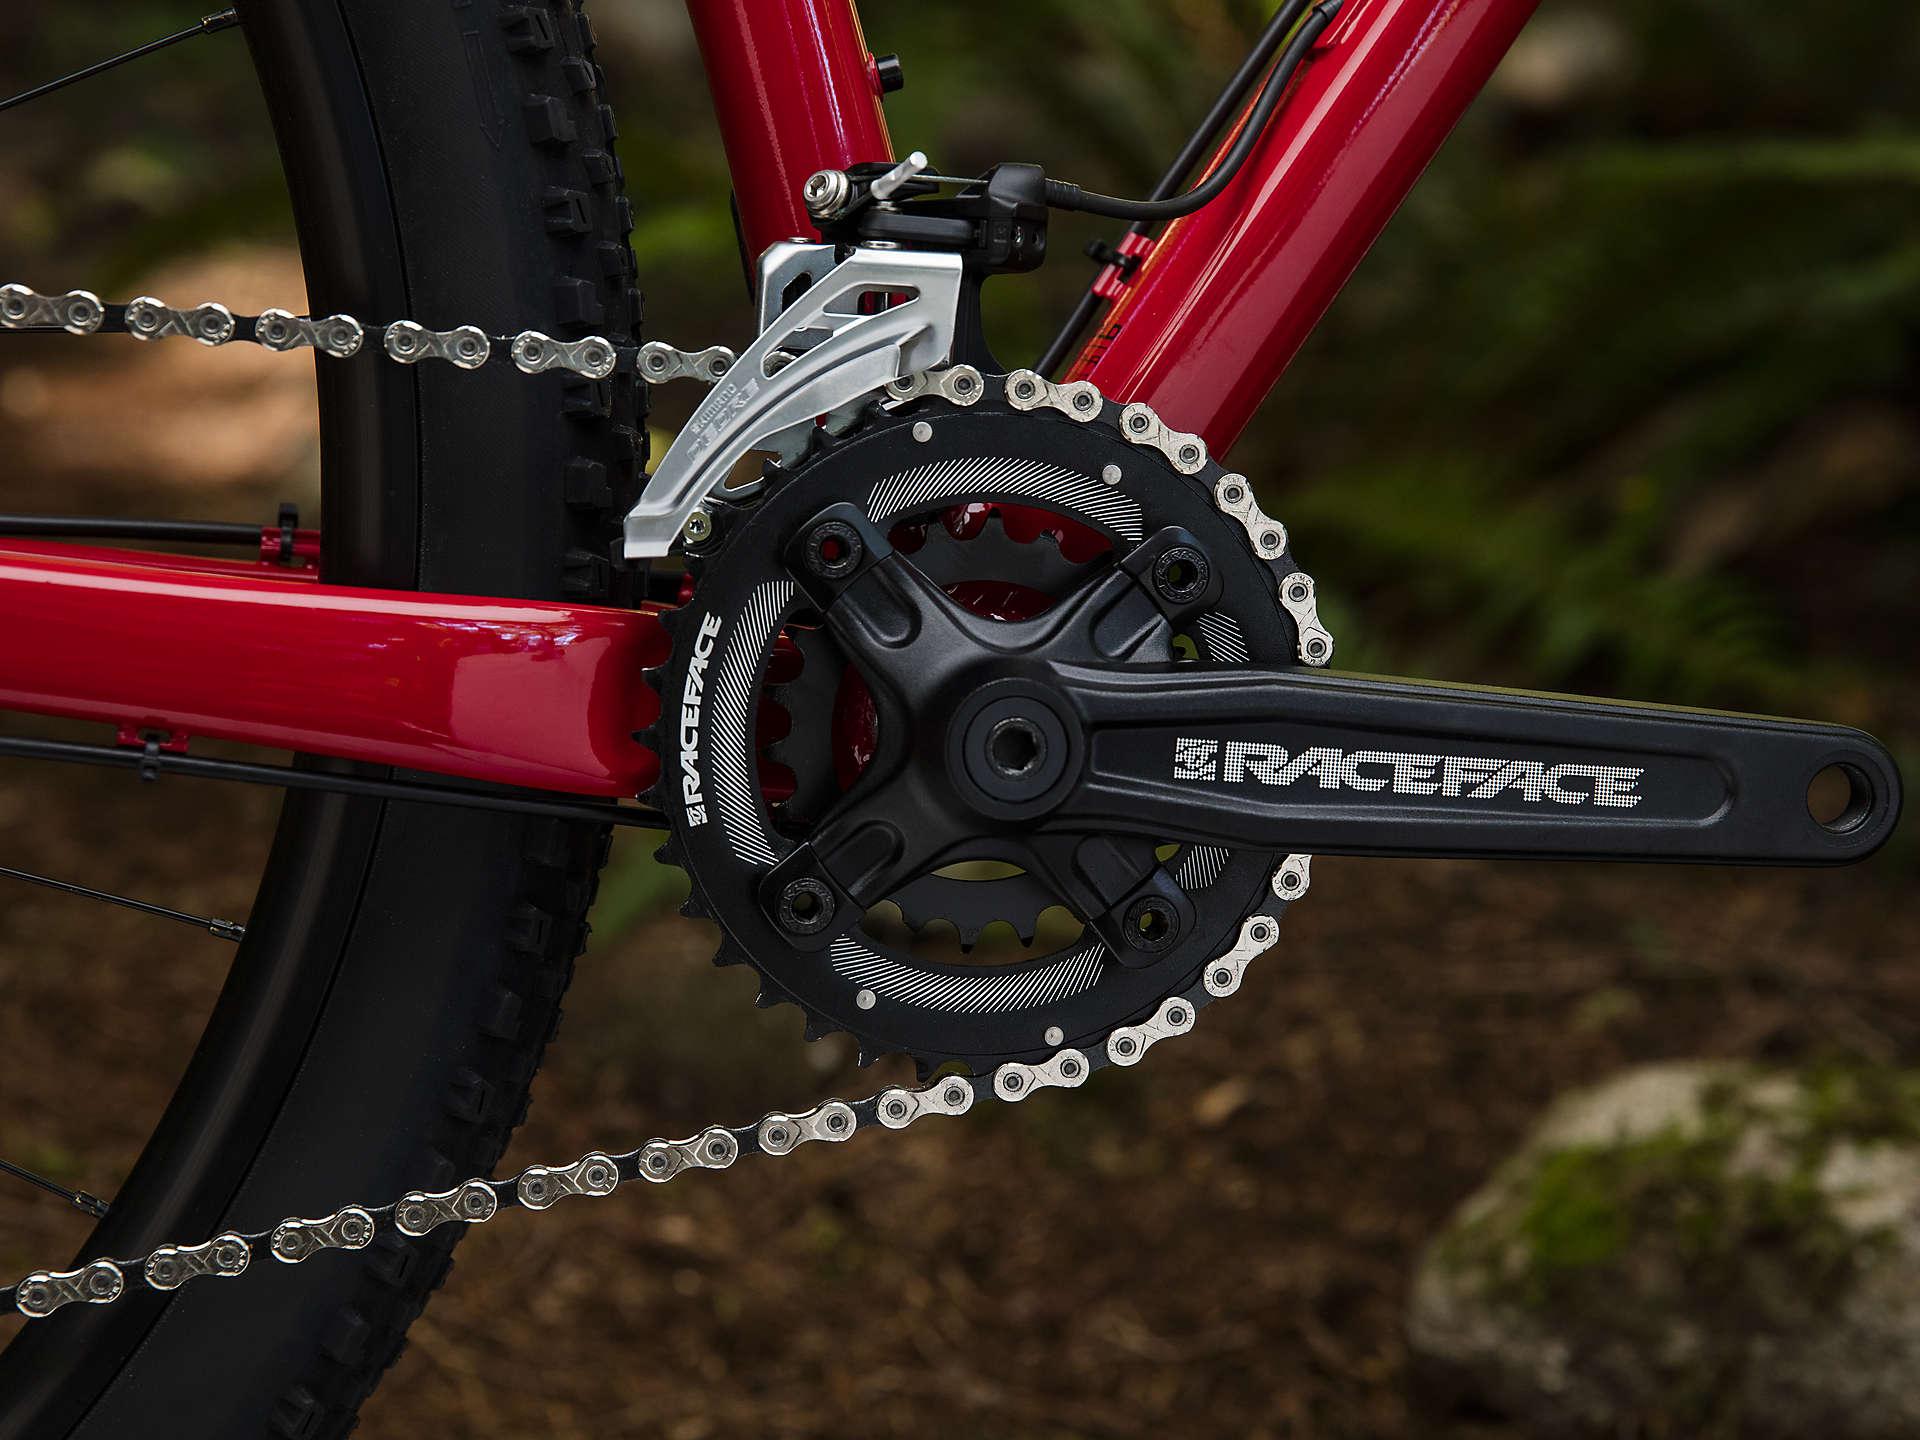 Bicicleta Trek X Caliber 8 - 2019 - R$6.160,00 - Tamanho 19,5